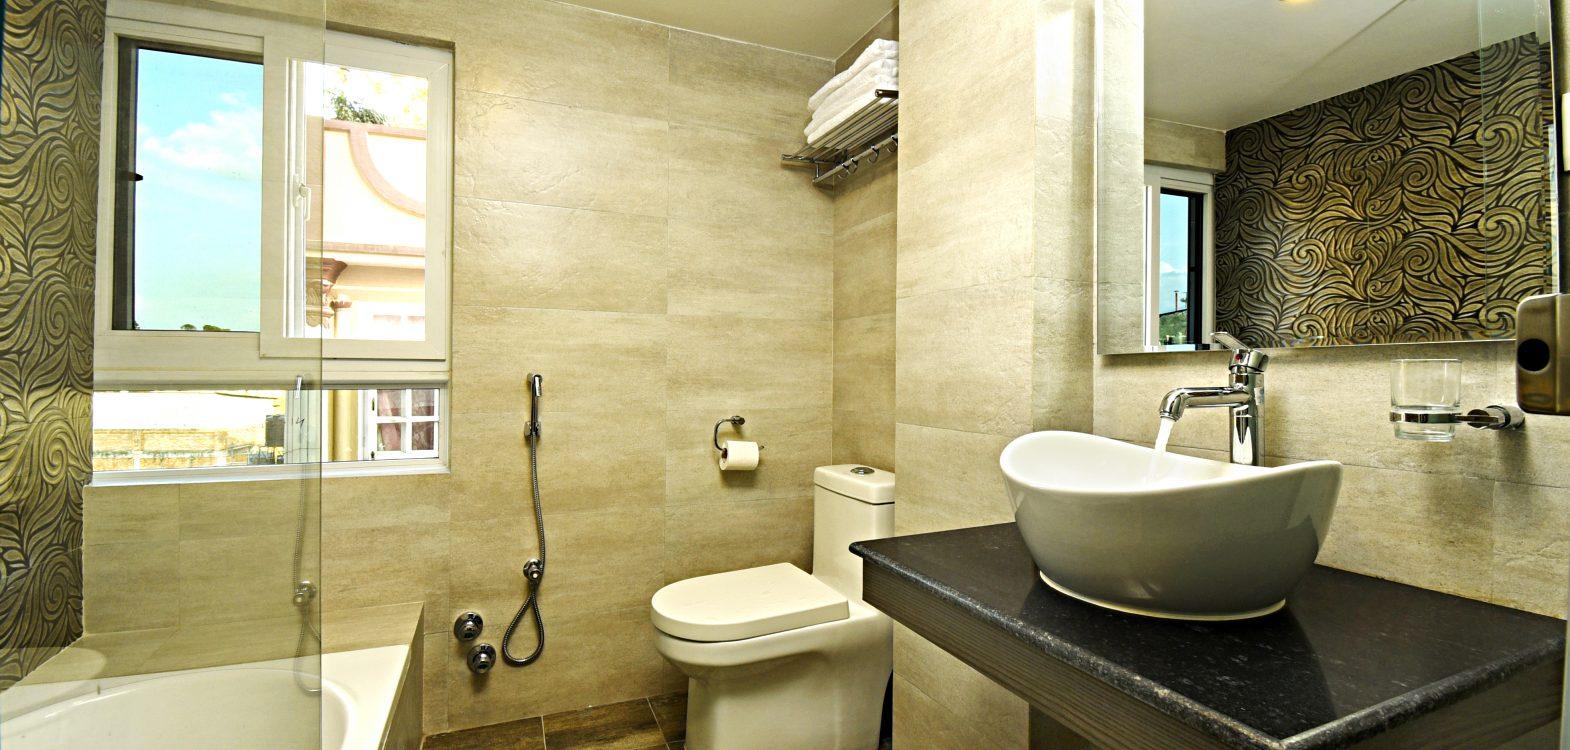 Executive Suite Room en suite Bathroom